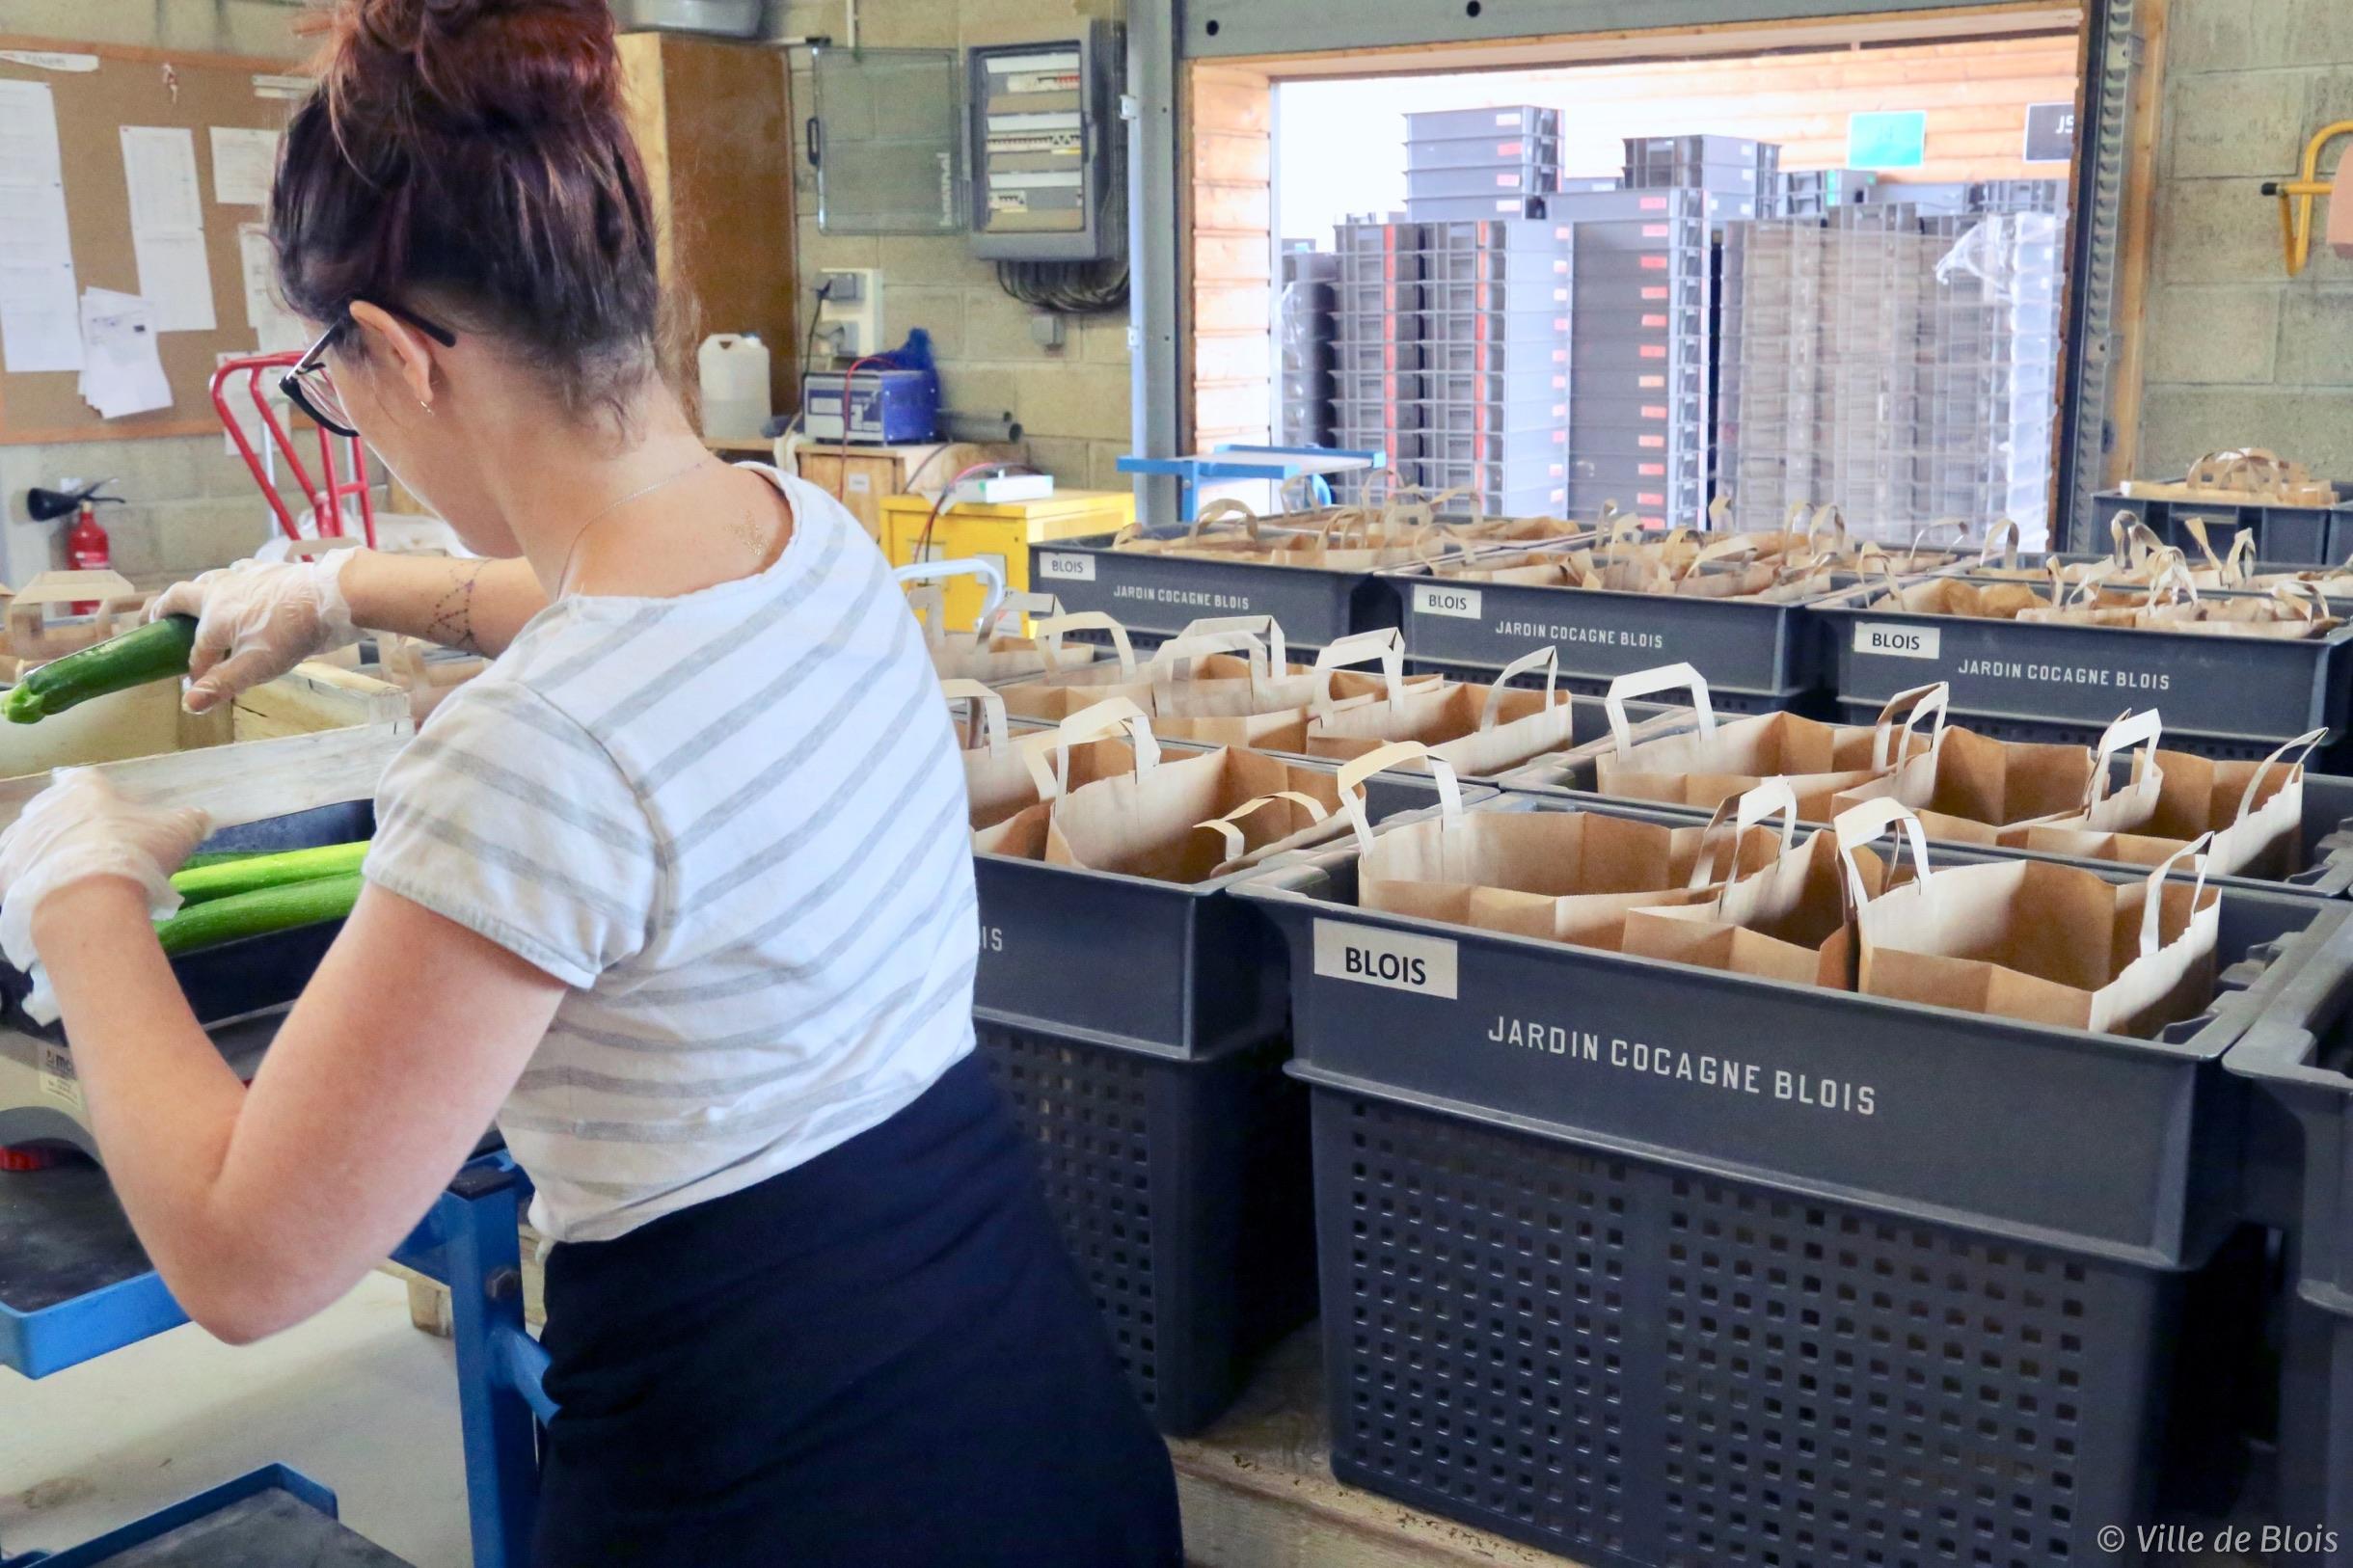 Une femme prépare des paniers de fruits et légumes.